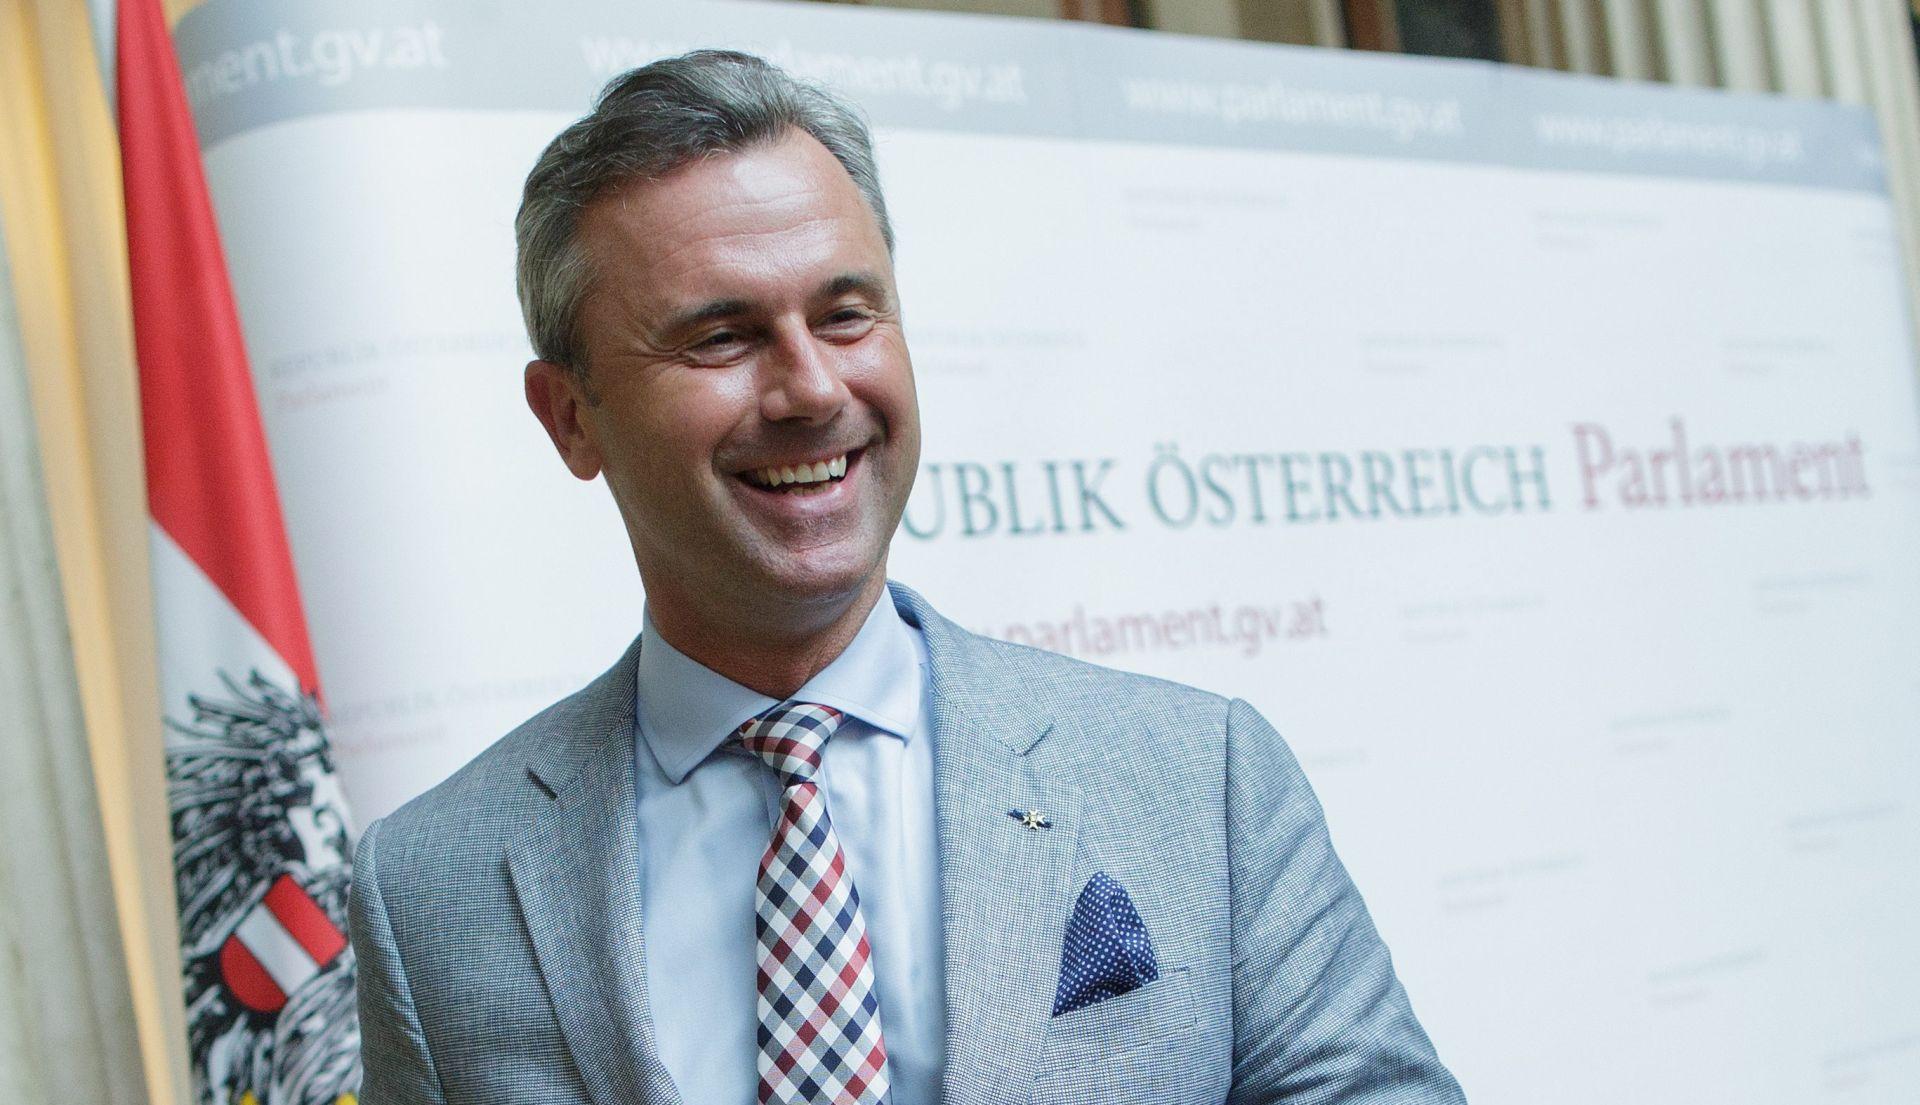 ANKETE Austrijski kandidat desnog krila Hofer vodi u predsjedničkoj utrci